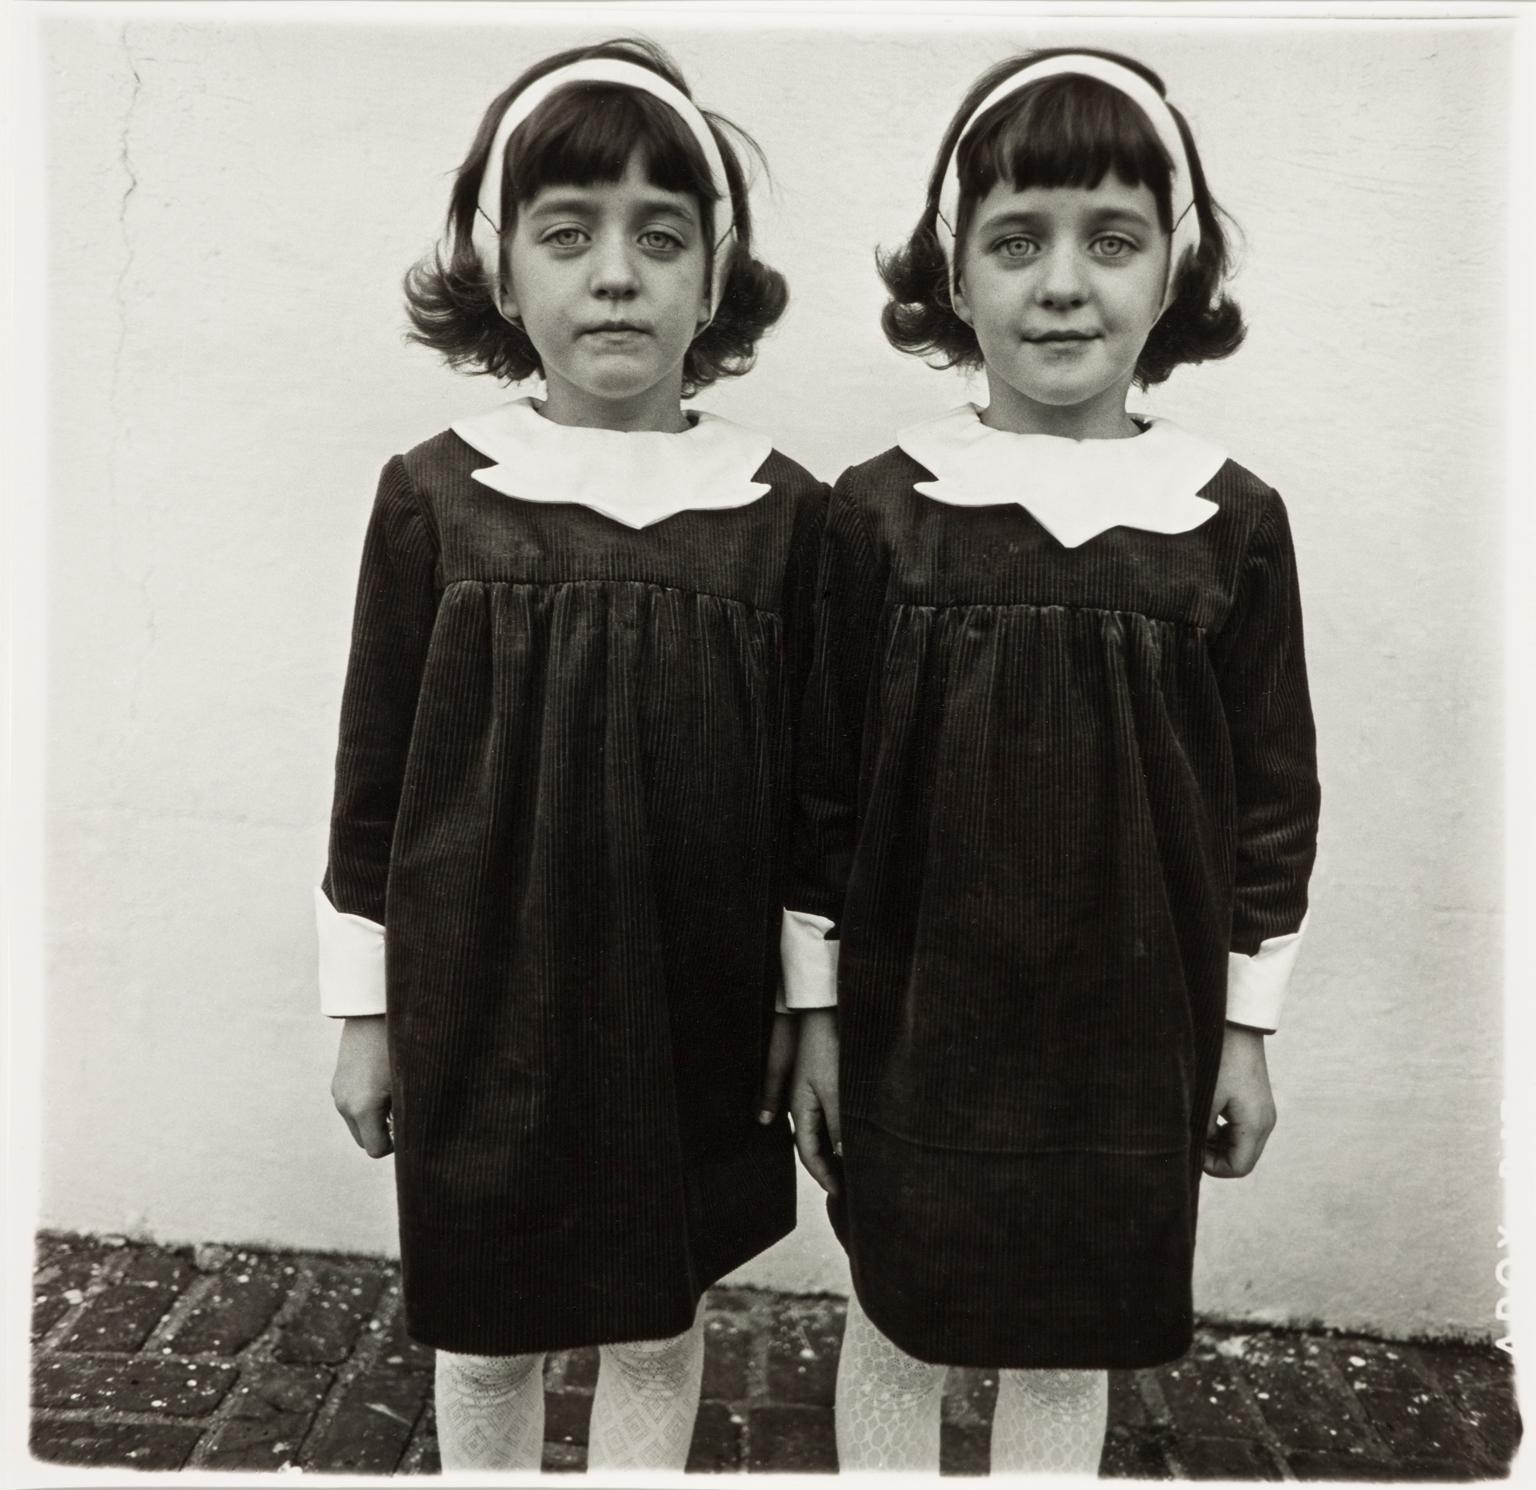 Diane Arbus - Identical Twins, Roselle, N.J. 1967